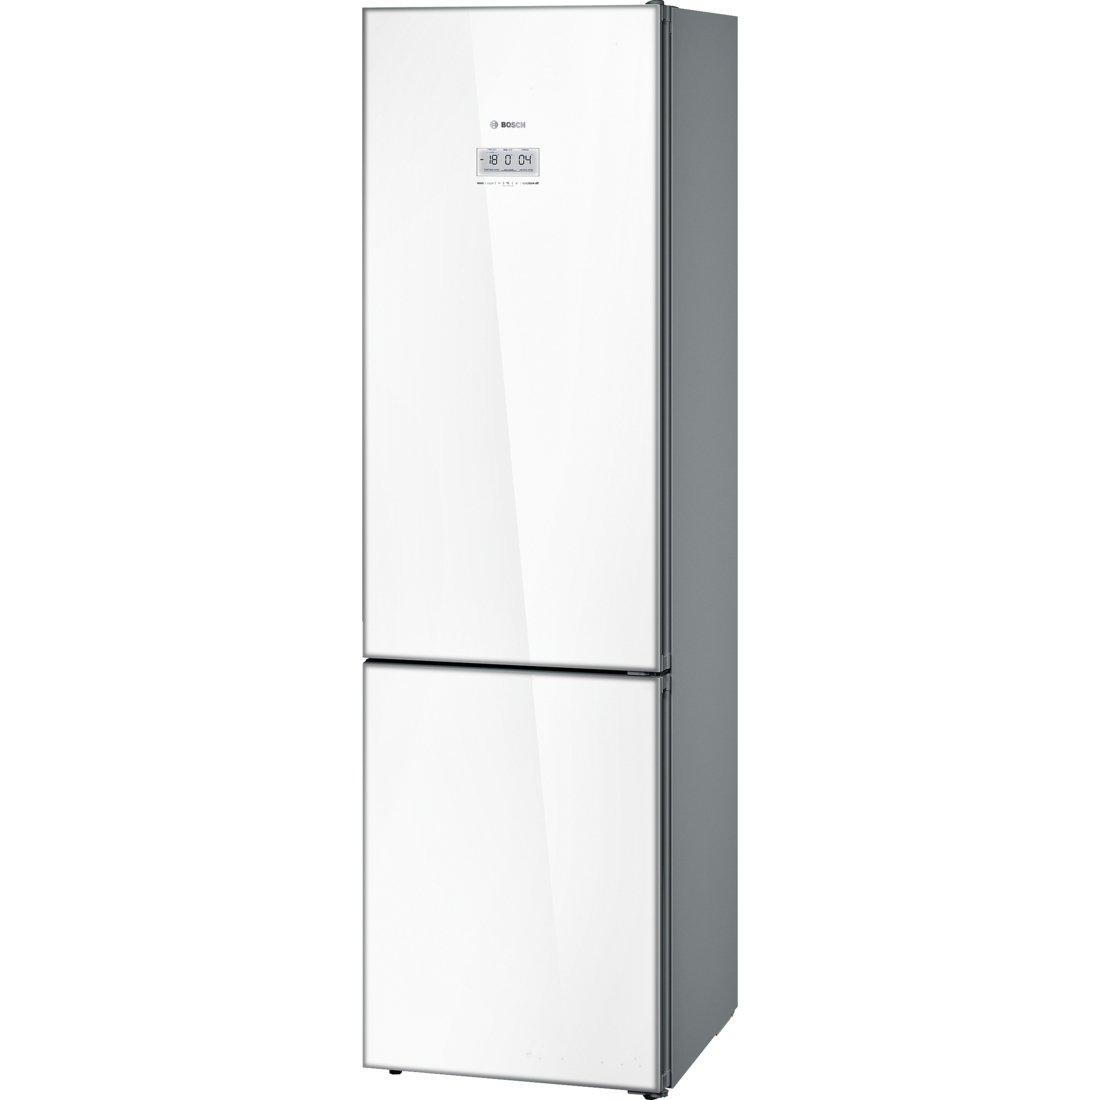 Bosch KGF39SW45 Serie 8 Wi-Fi Kühl-Gefrier-Kombination/A+++ / 203 cm / 180 kWh/Jahr / 285 L Kühlteil / 110 Gefrierteil/No Frost [Energieklasse A+++]